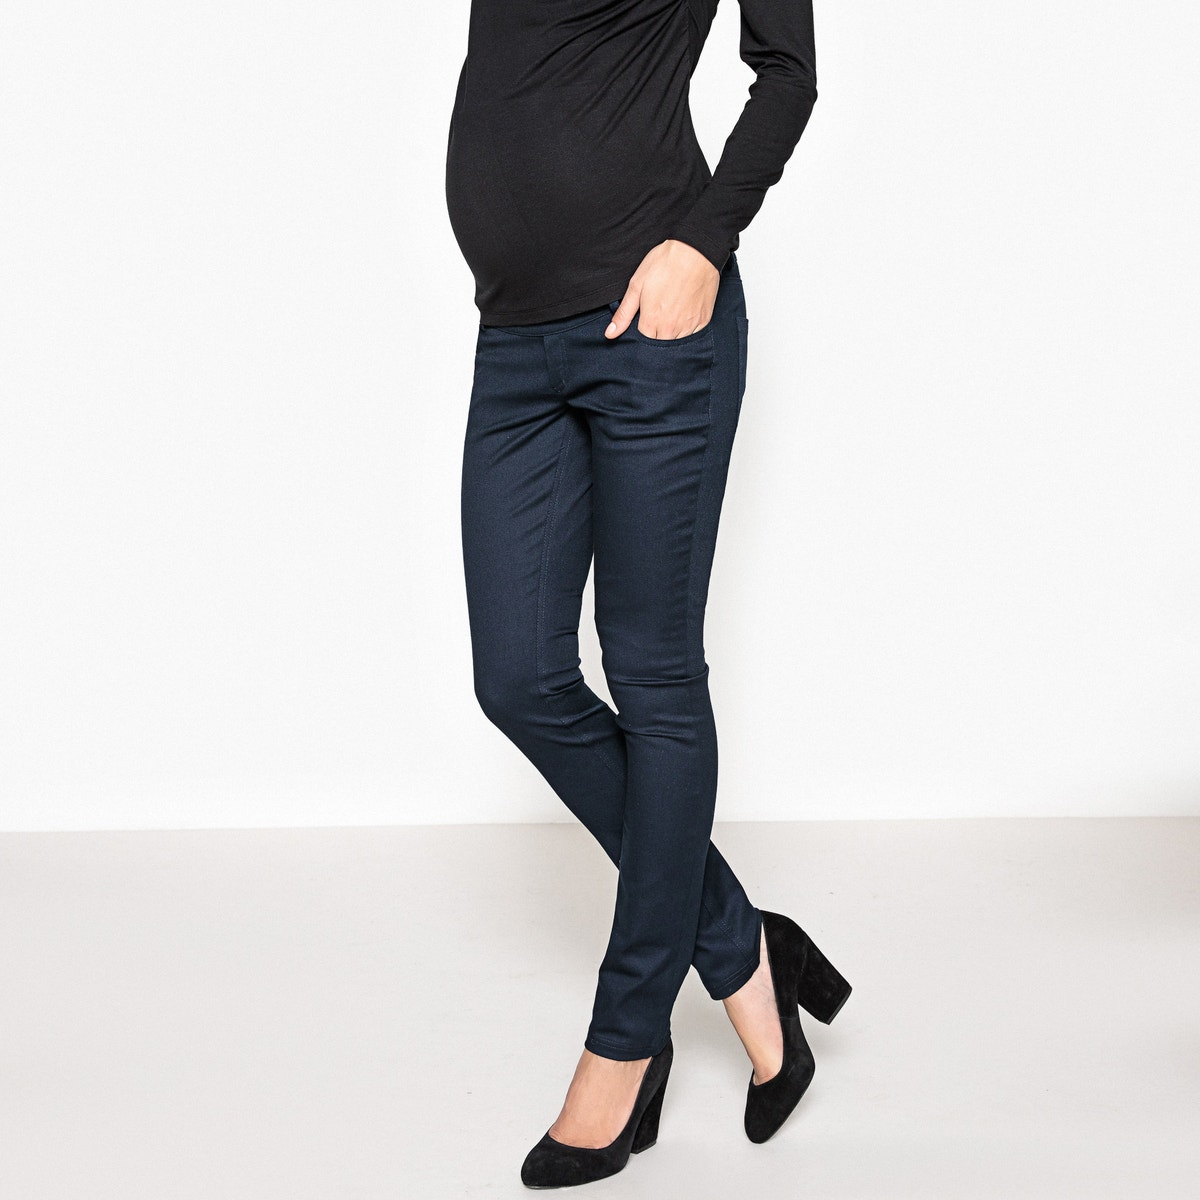 Παντελόνι εγκυμοσύνης γυναικα   ρούχα εγκυμοσύνης   παντελόνια   skinny